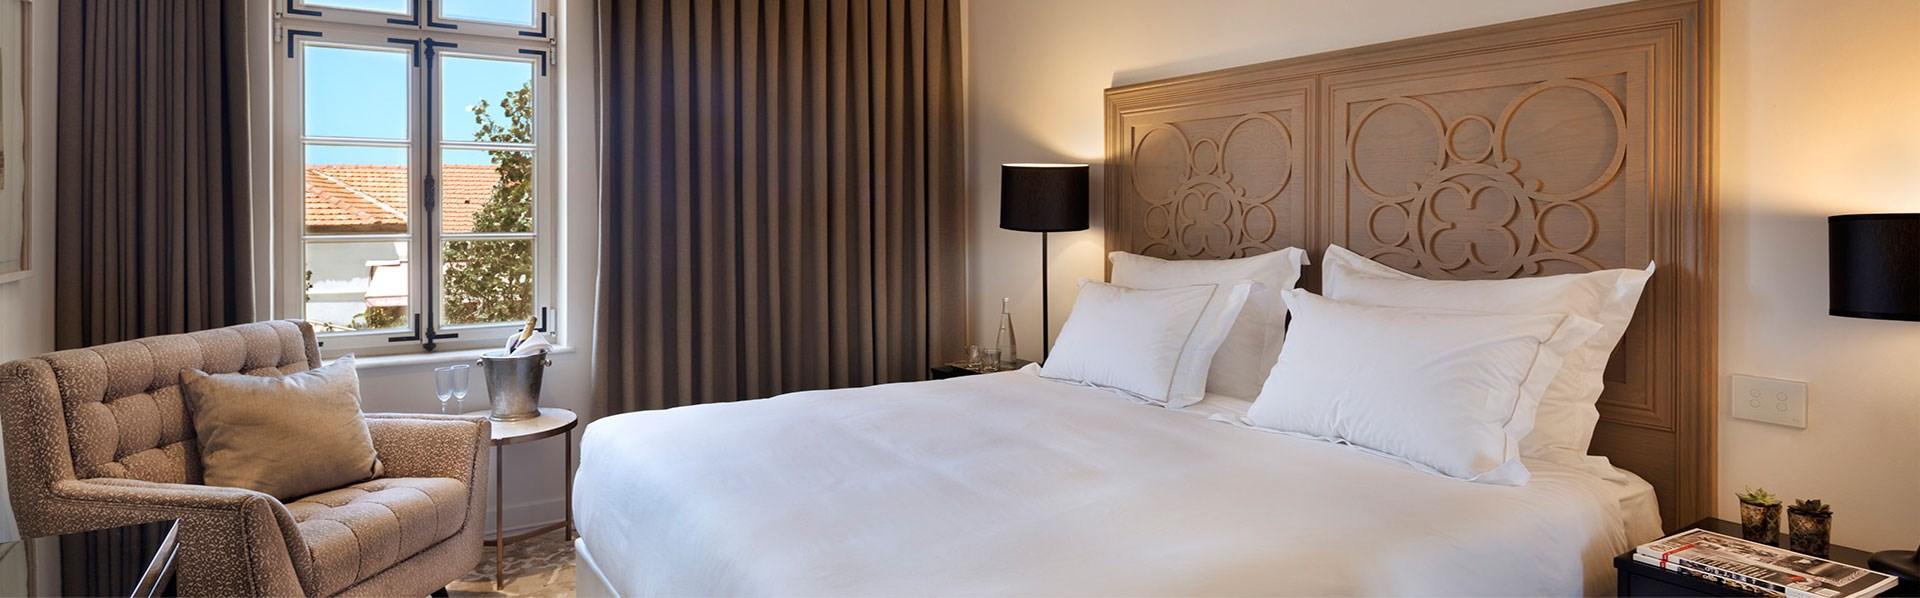 חדר במלון דריסקו